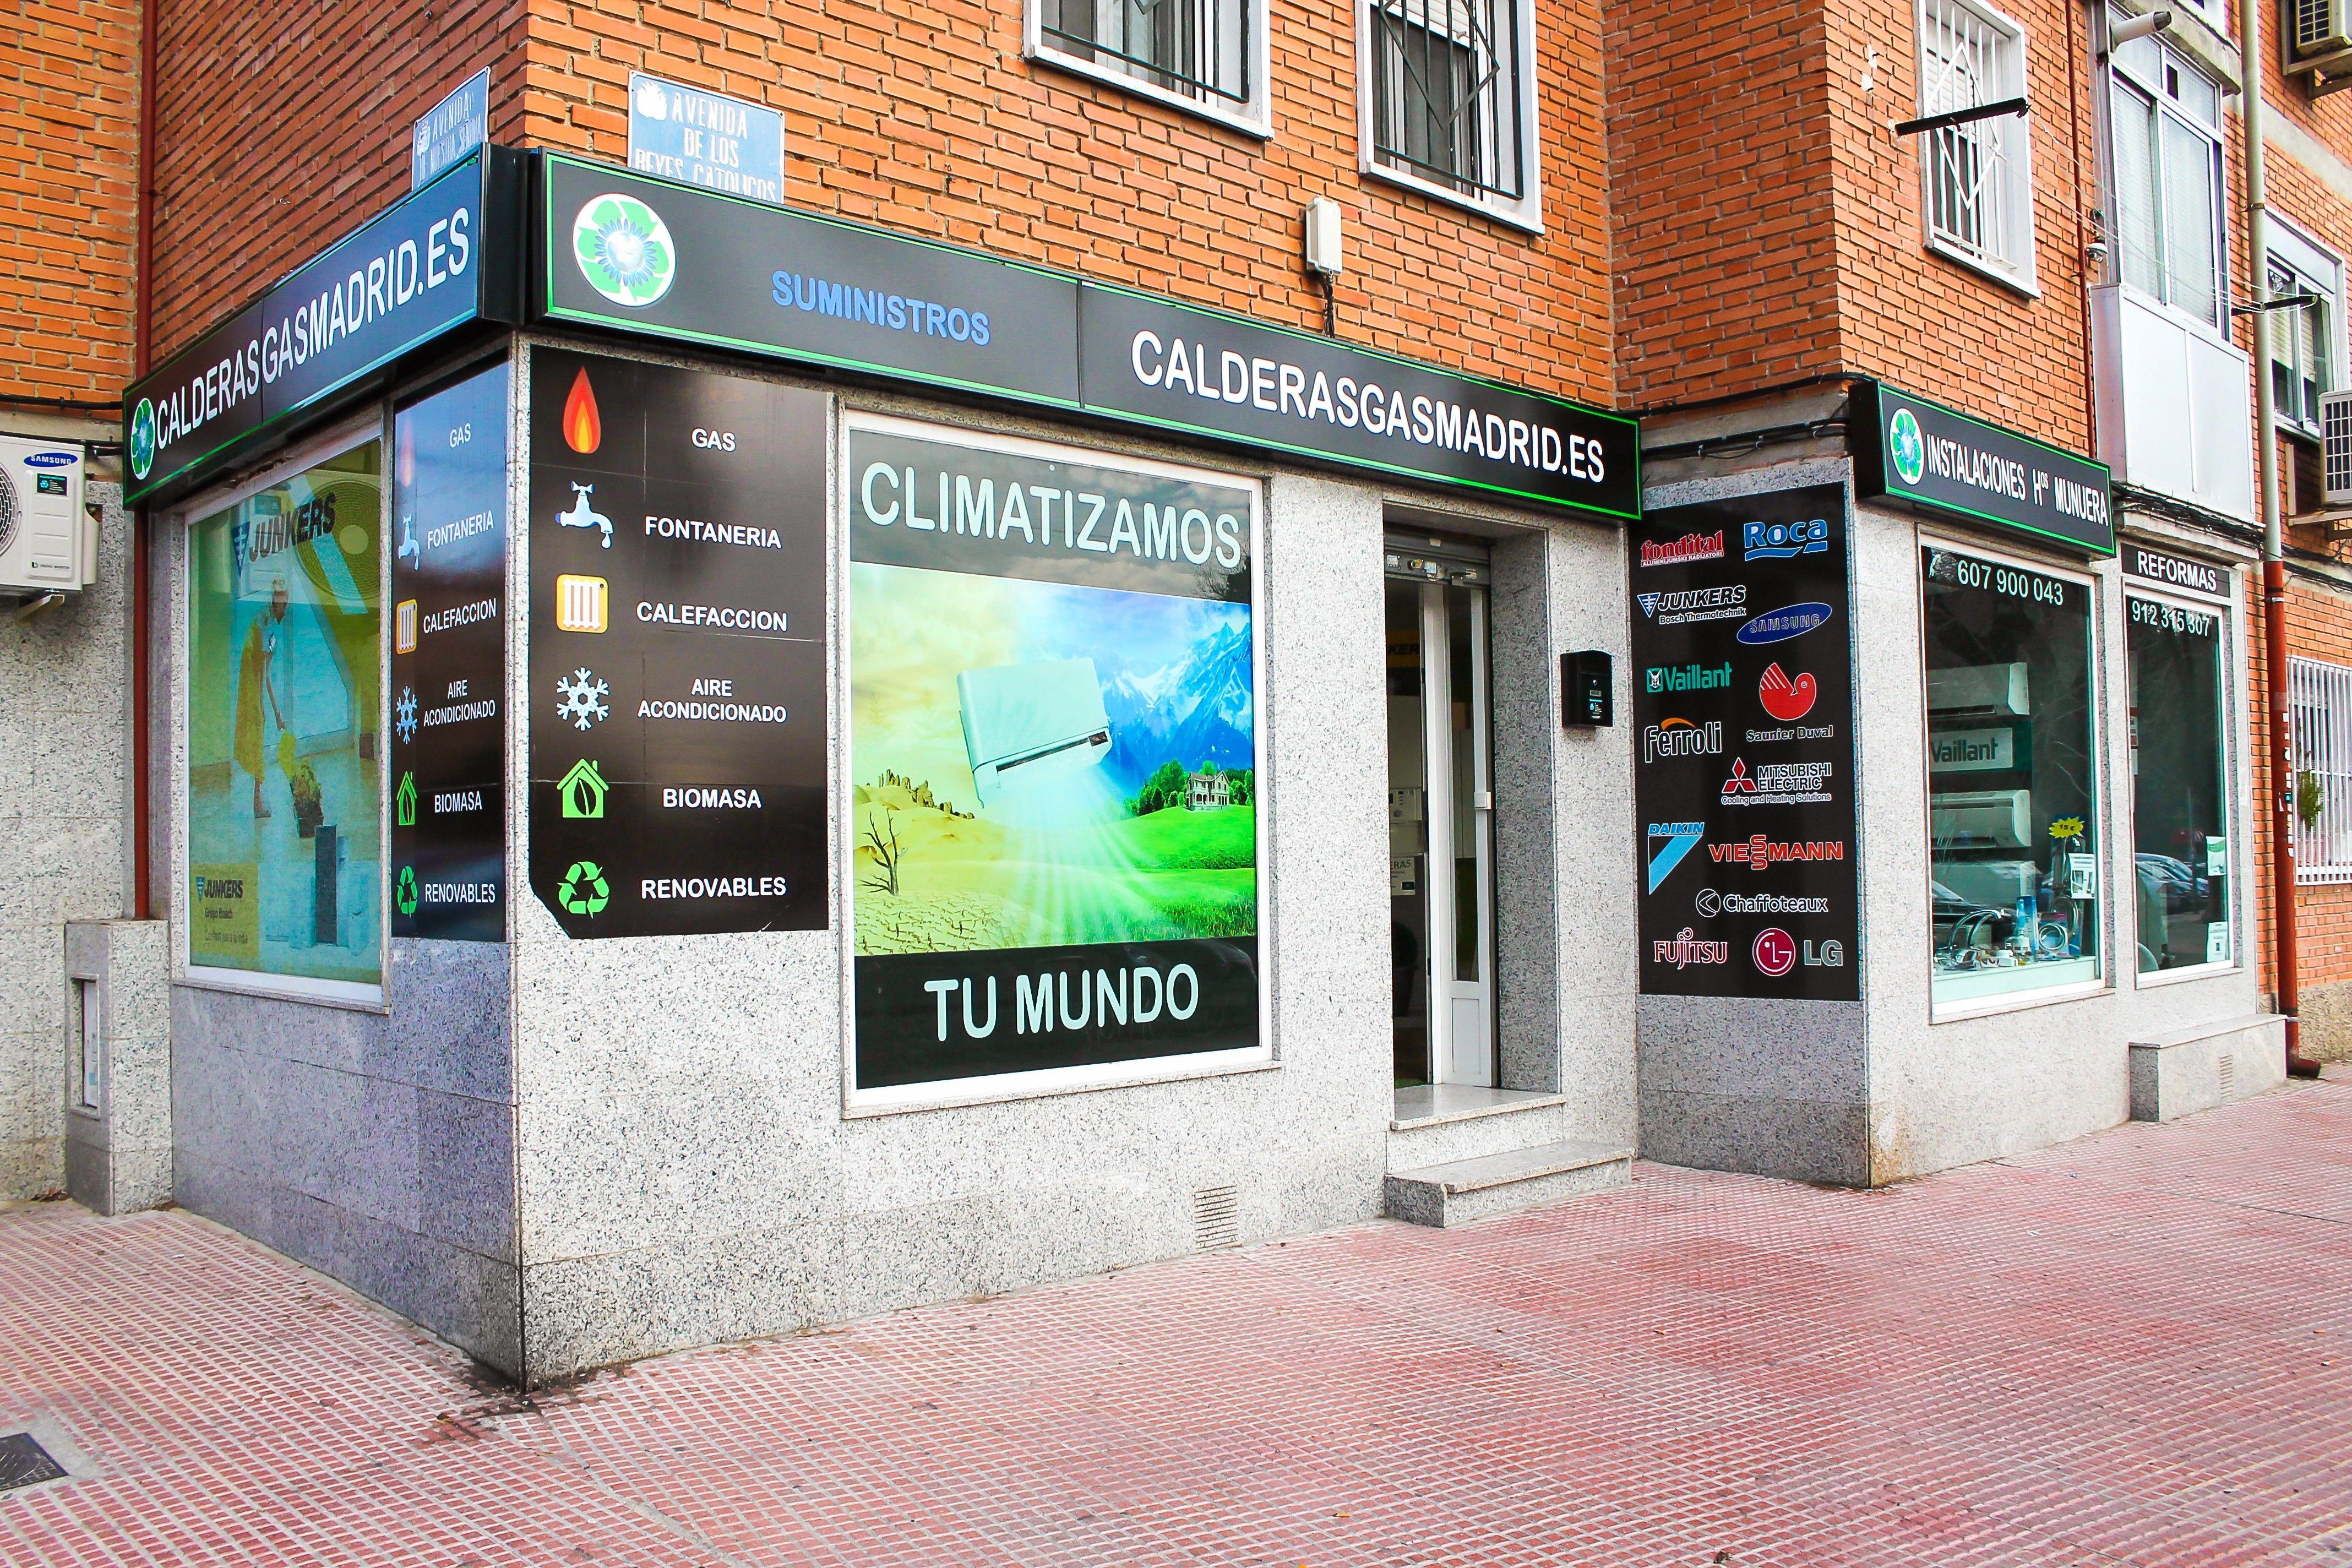 Foto 2 de Calderas en Alcalá de Henares | Instalaciones Hermanos Munuera